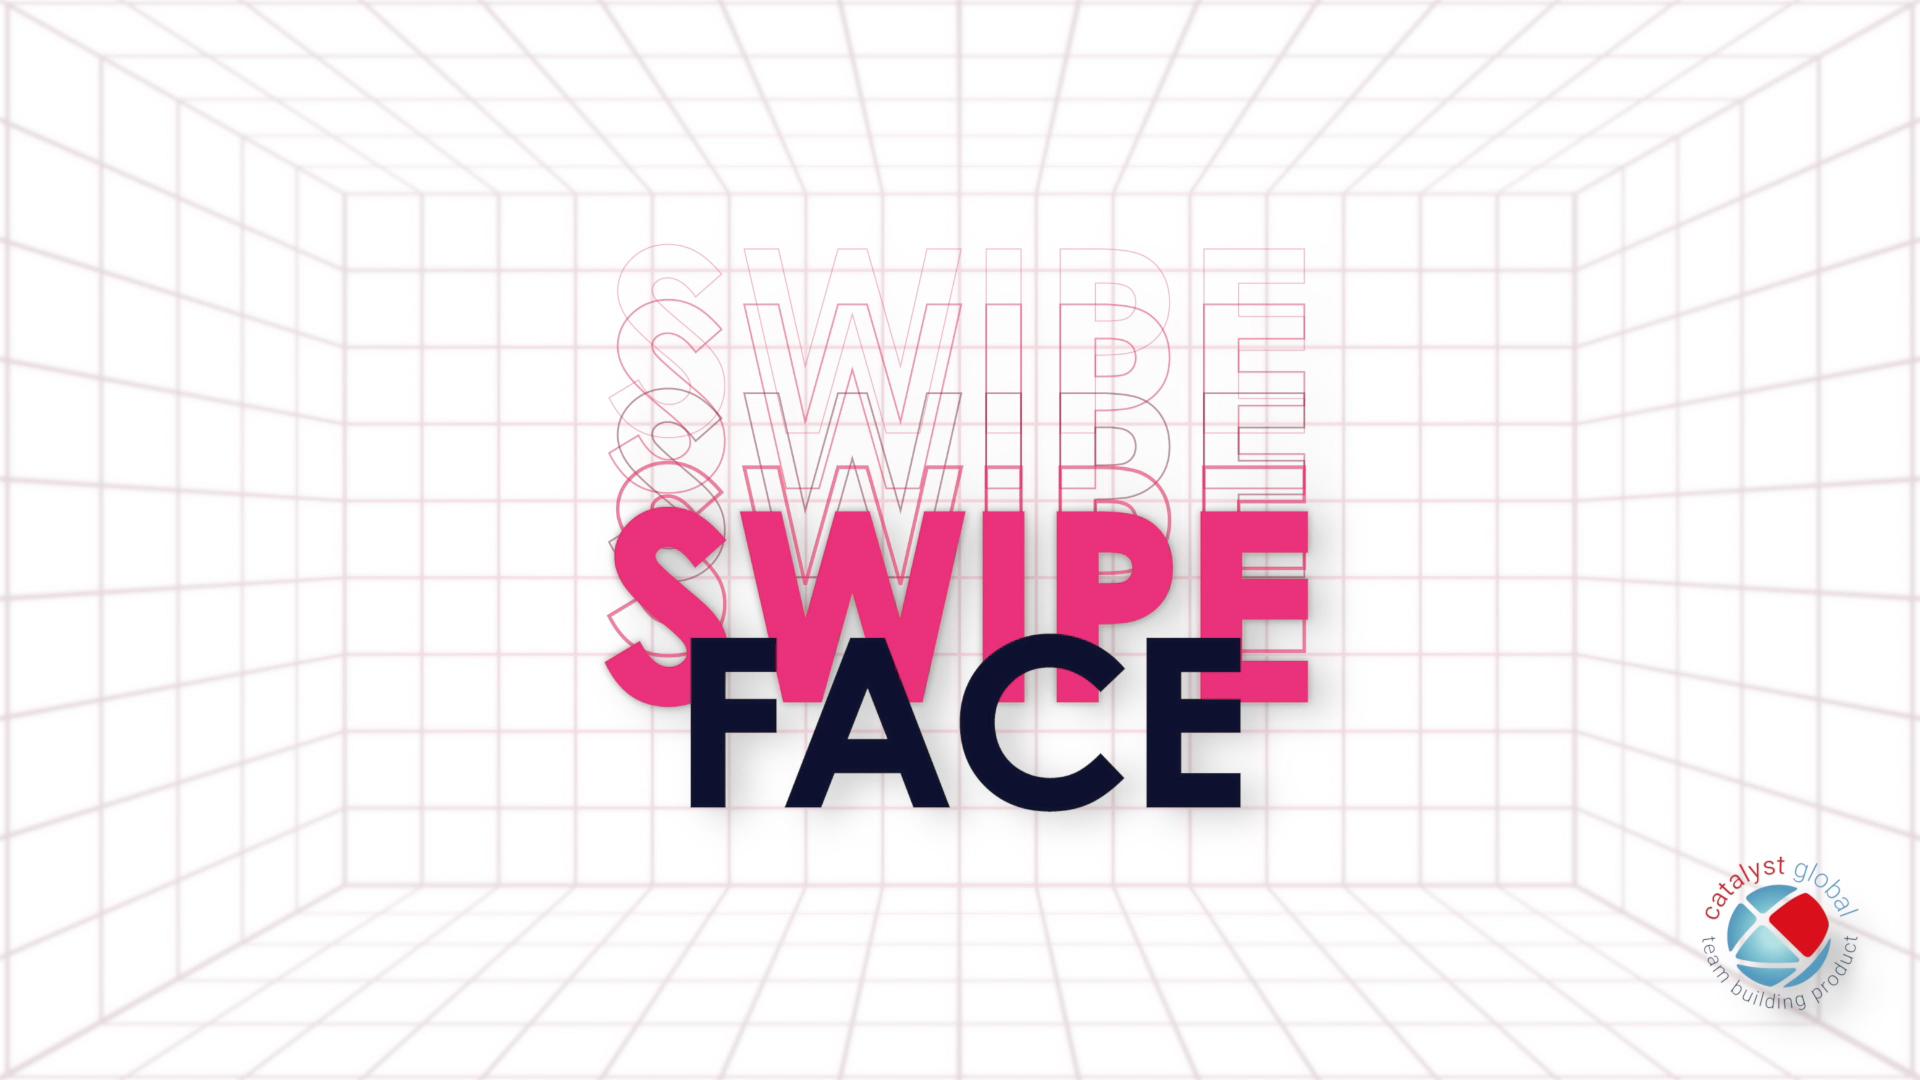 Swipe Face Team Building